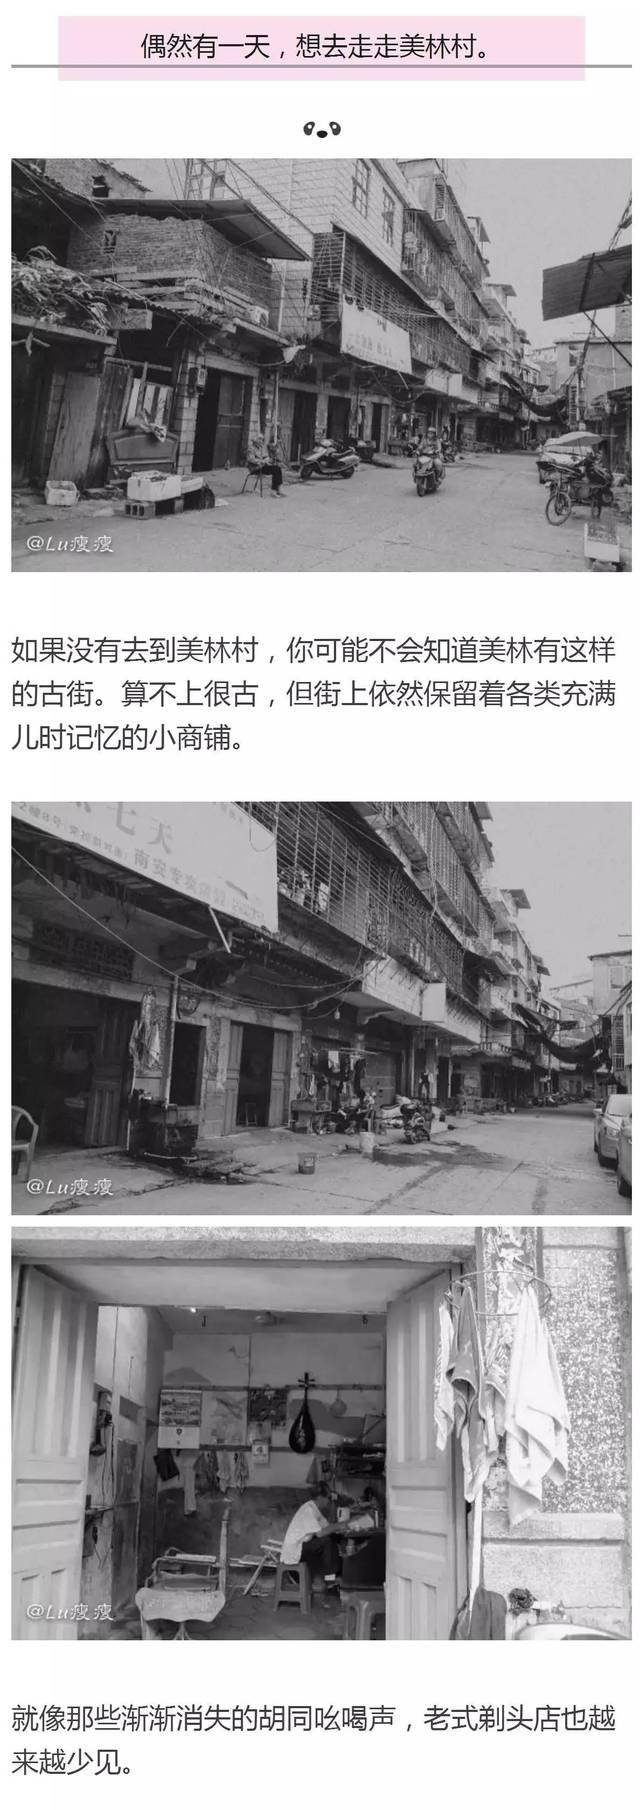 美林镇美林村,满满的儿时回忆图片